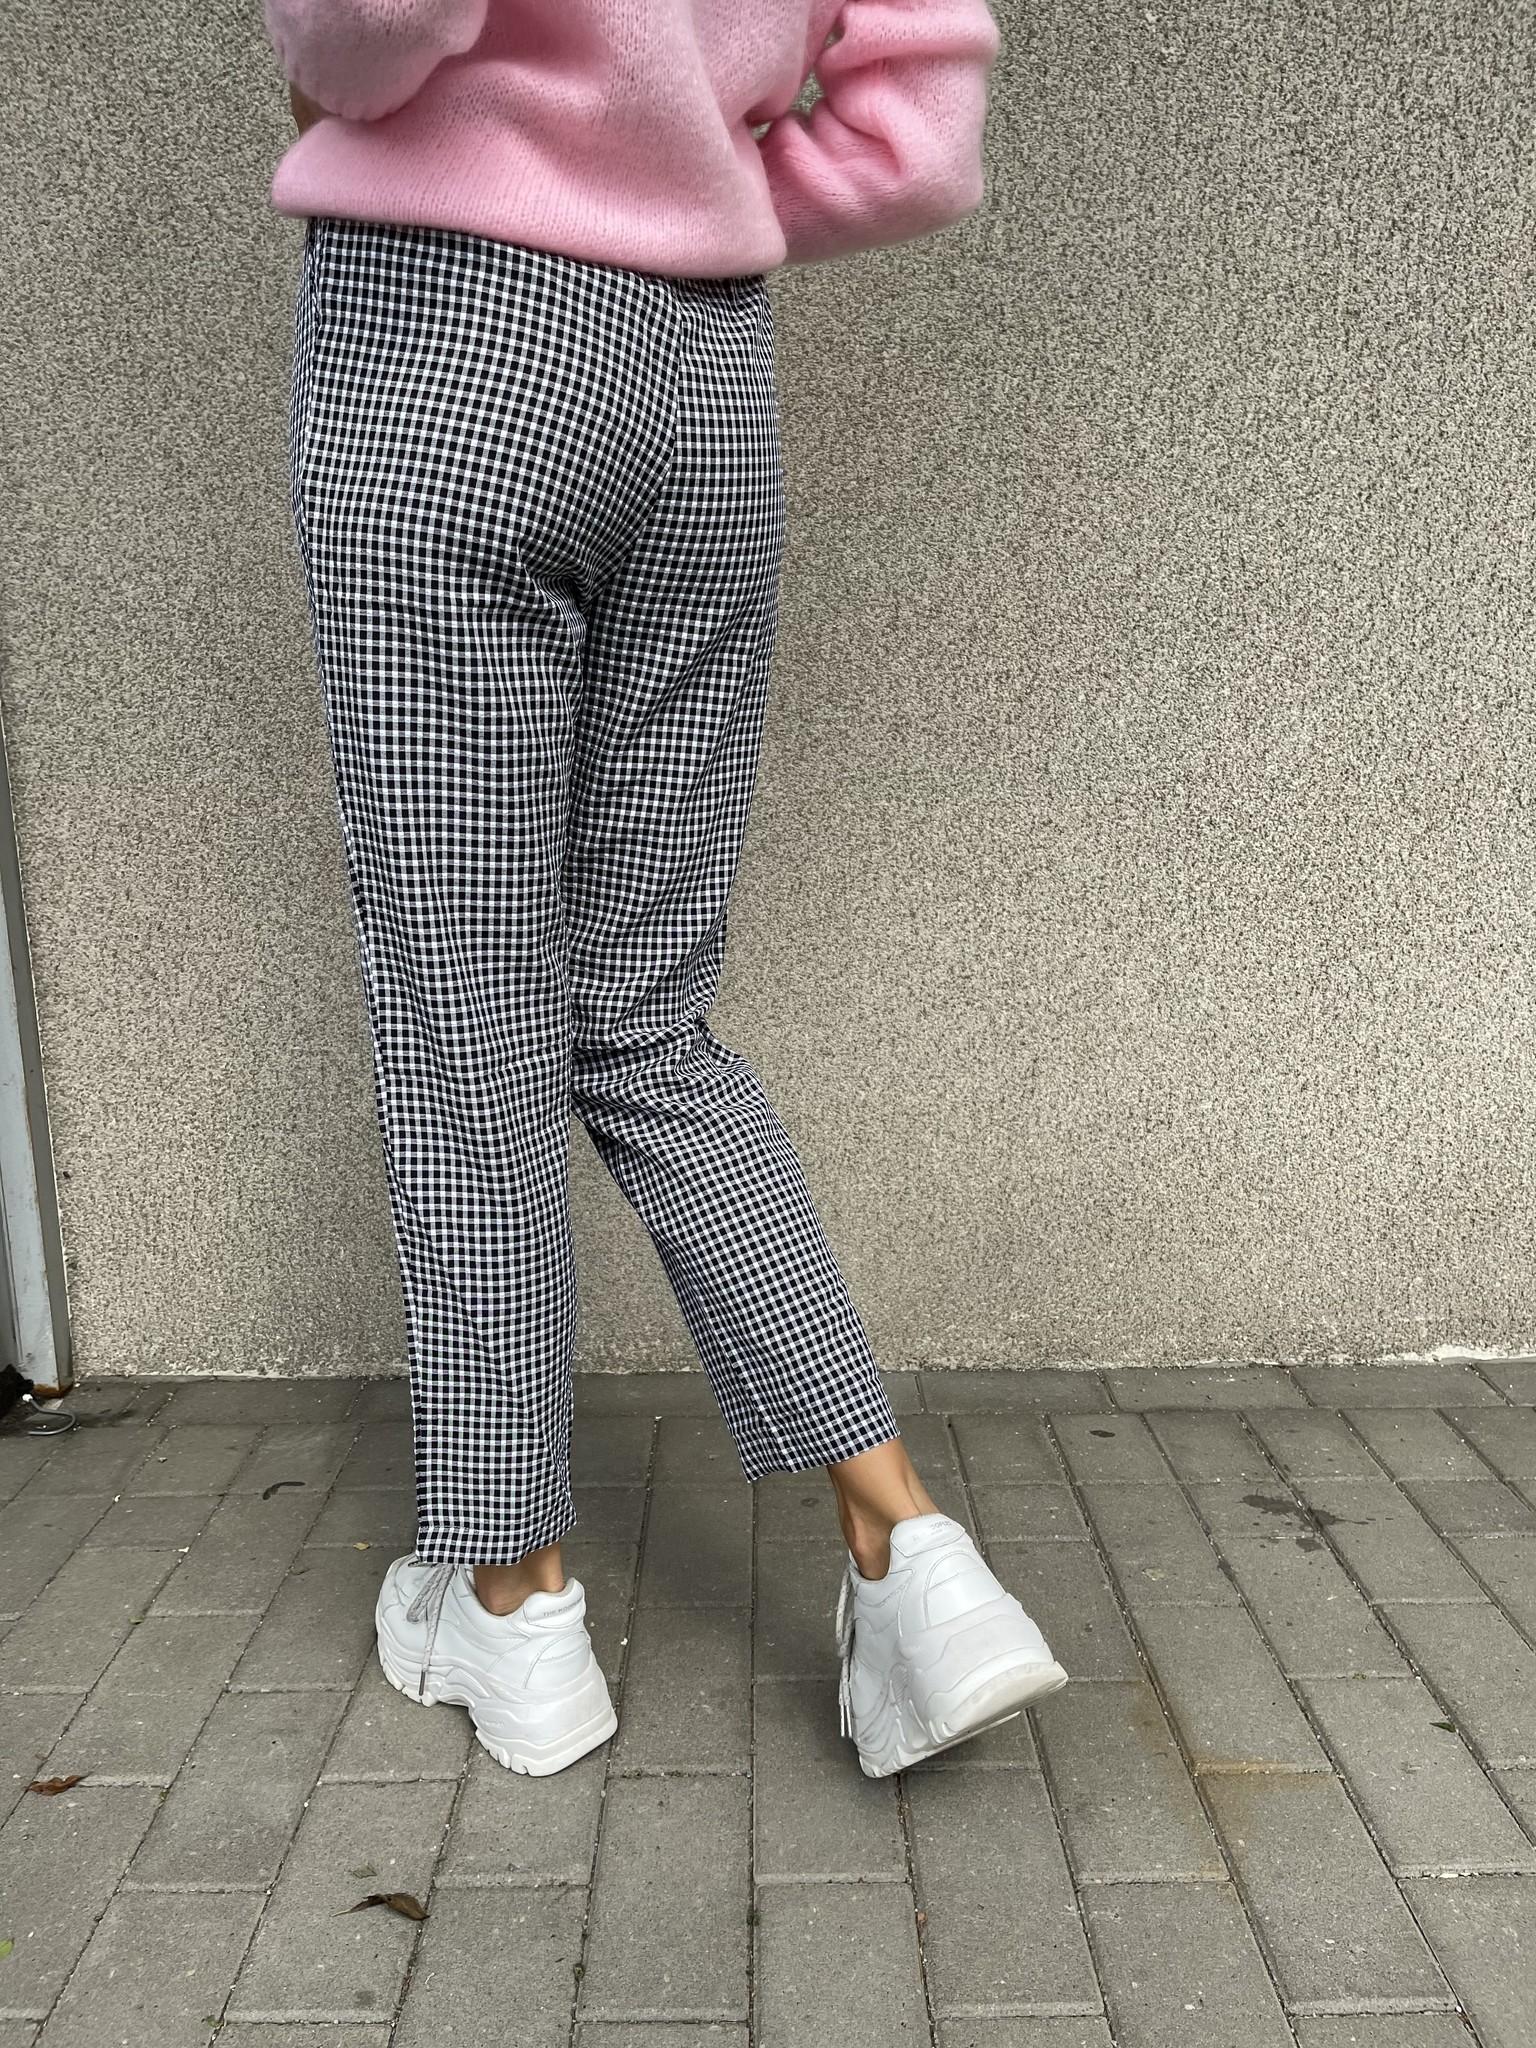 JOHN pantalon-6